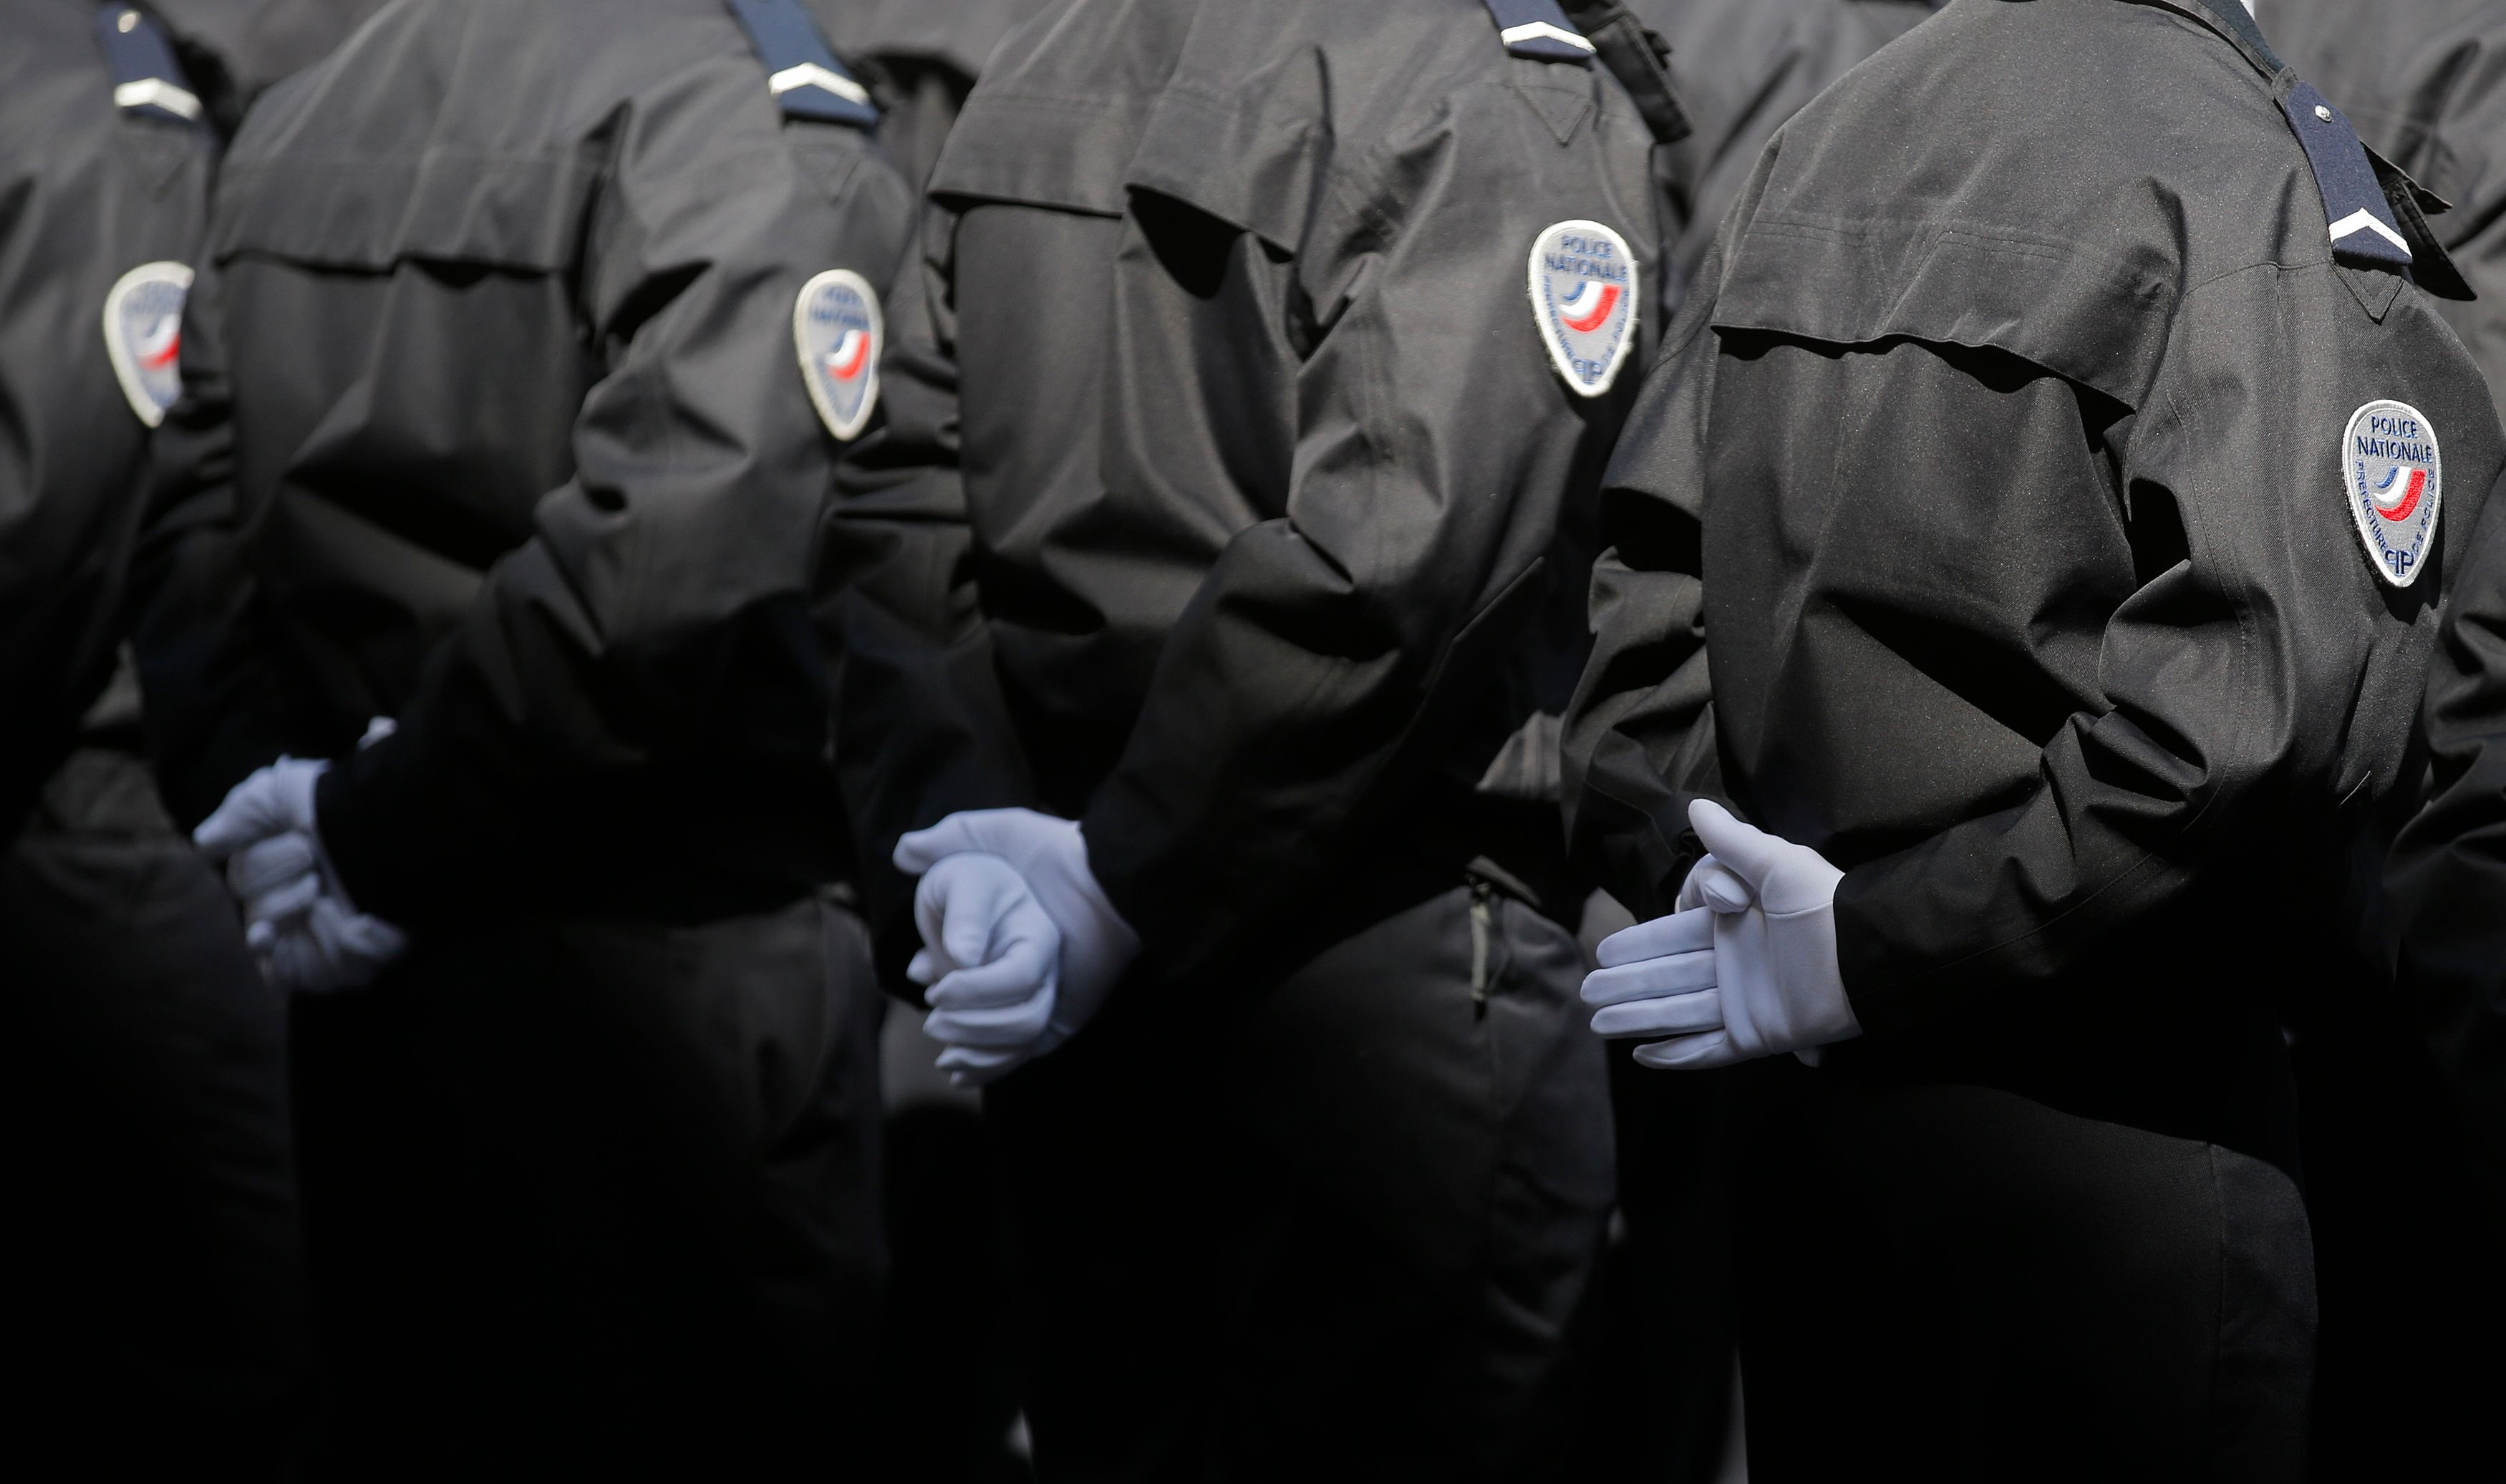 La refonte des renseignements souhaitée par Manuel Valls portera en premier lieu sur la DCRI où 1900 policiers supplémentaires seront affectés en plus de nouveaux moyens technologiques.